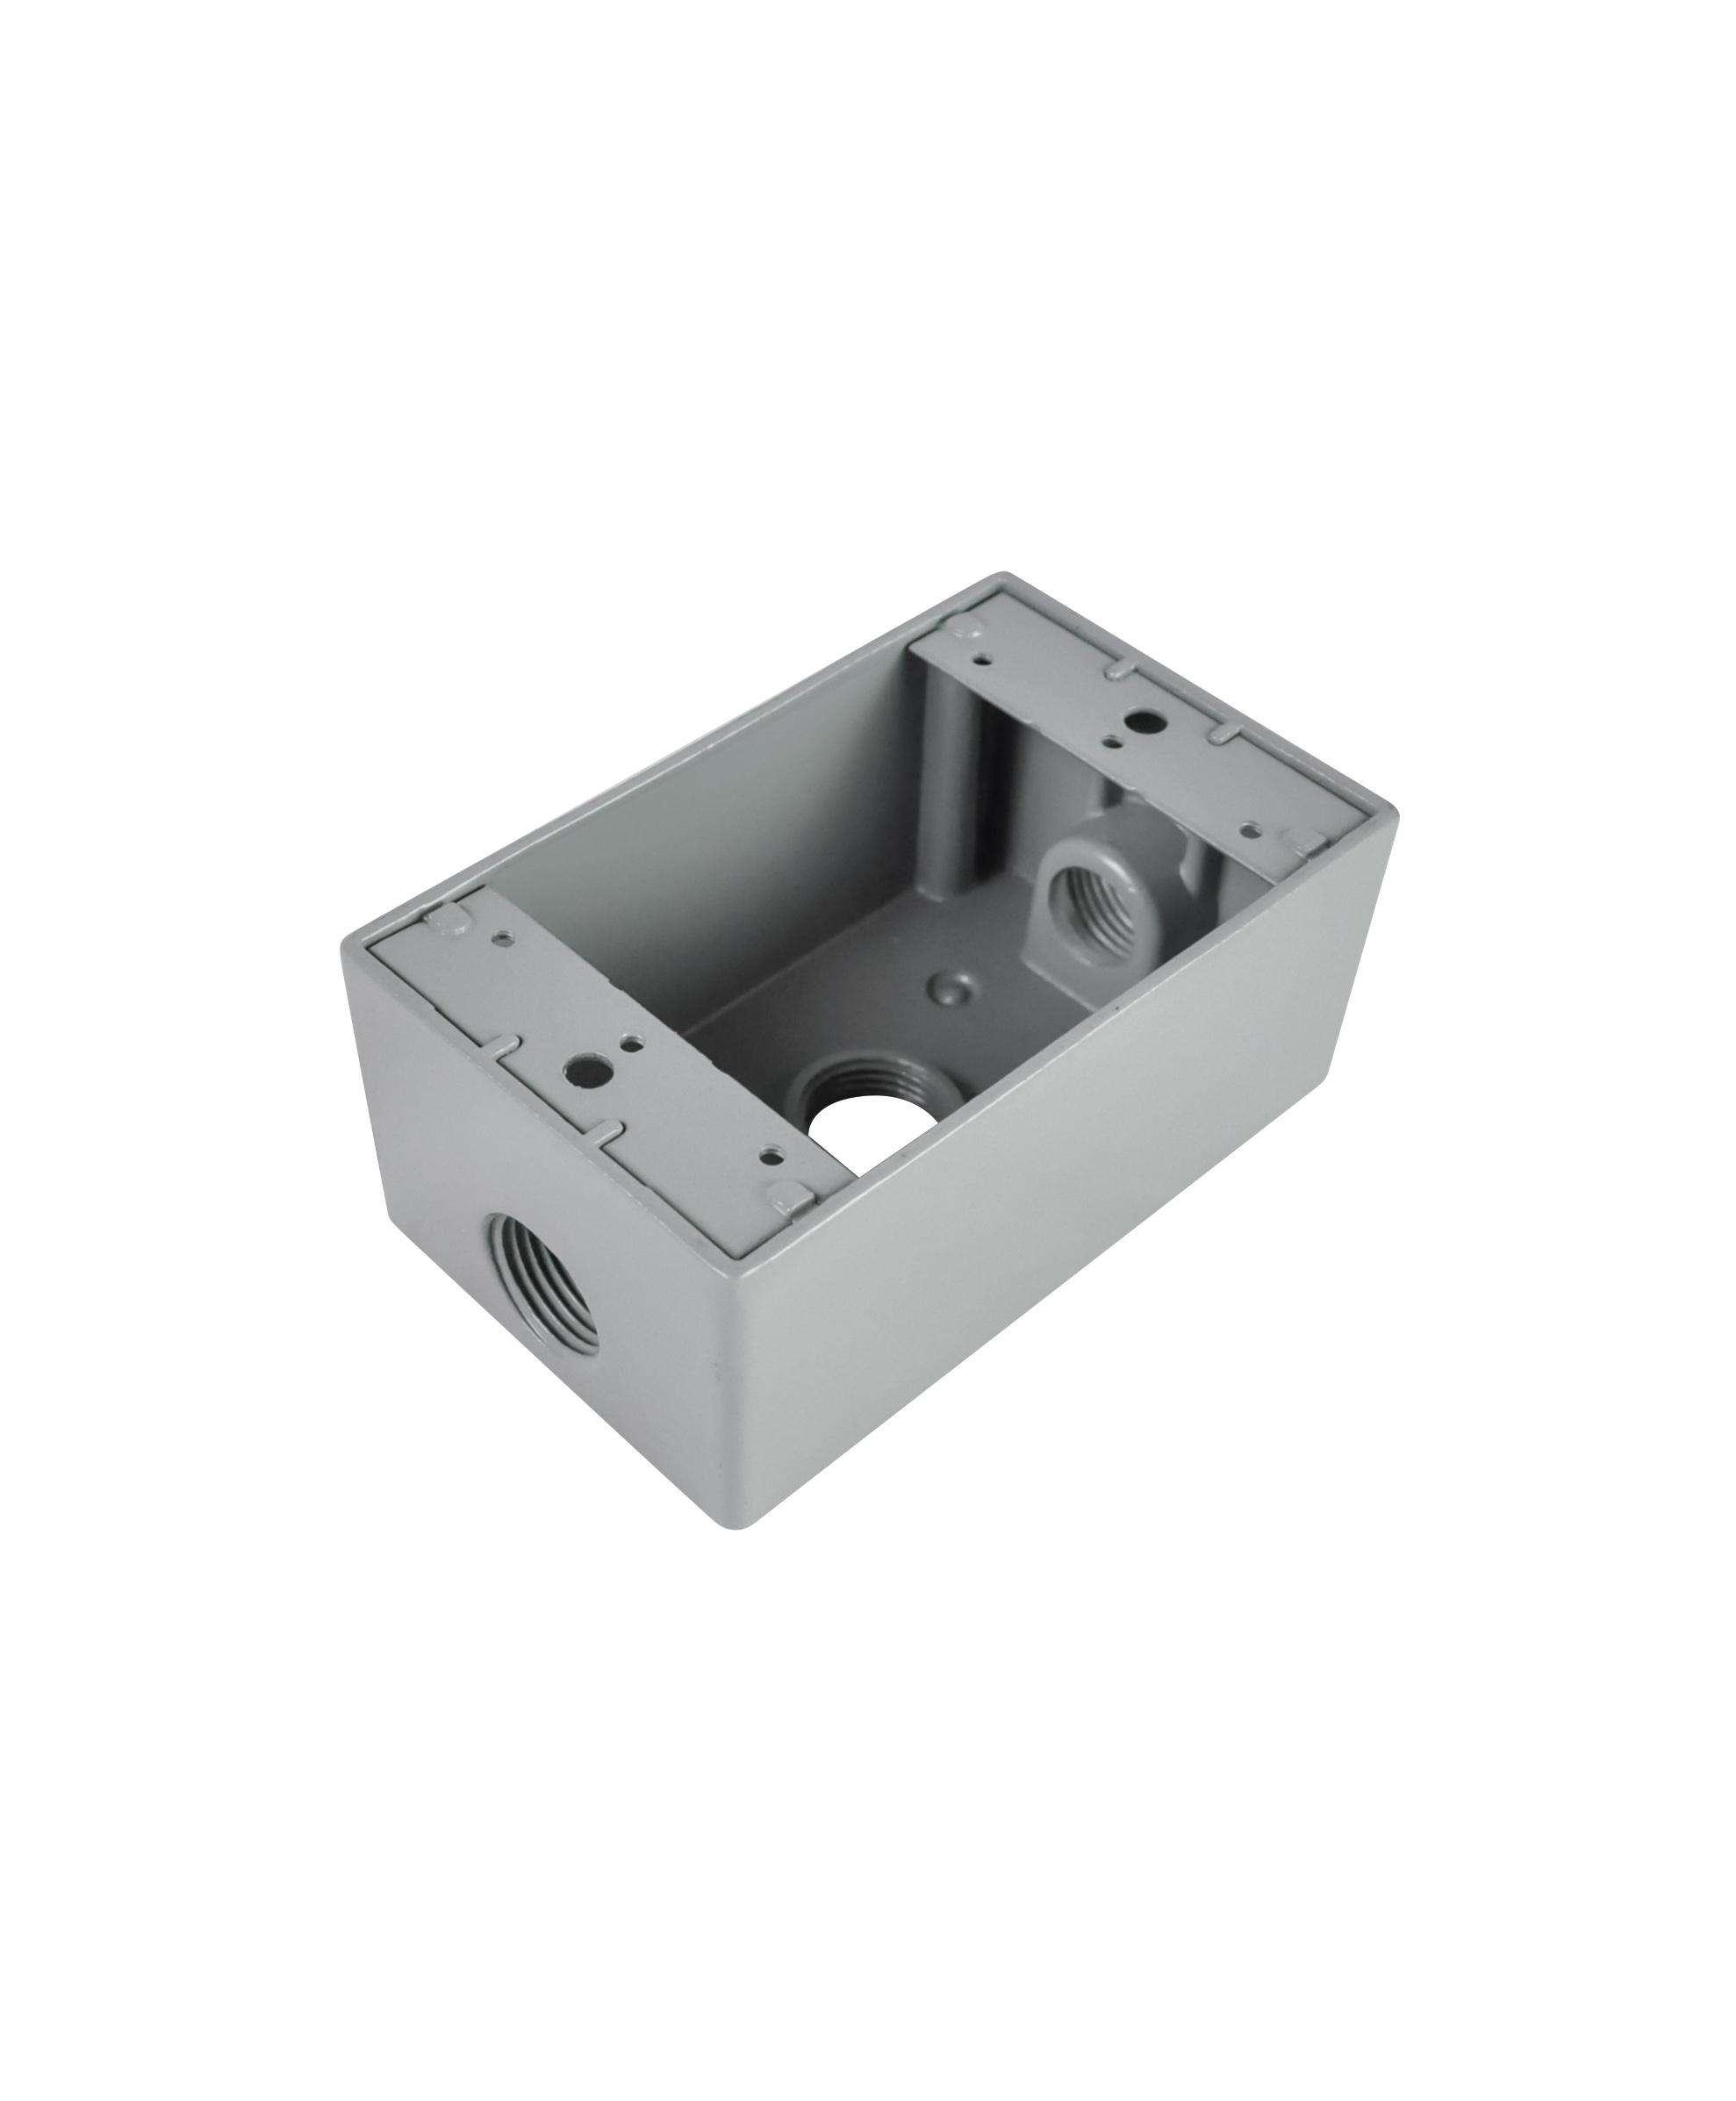 D5613/D5633 1 Gang Aluminum Box